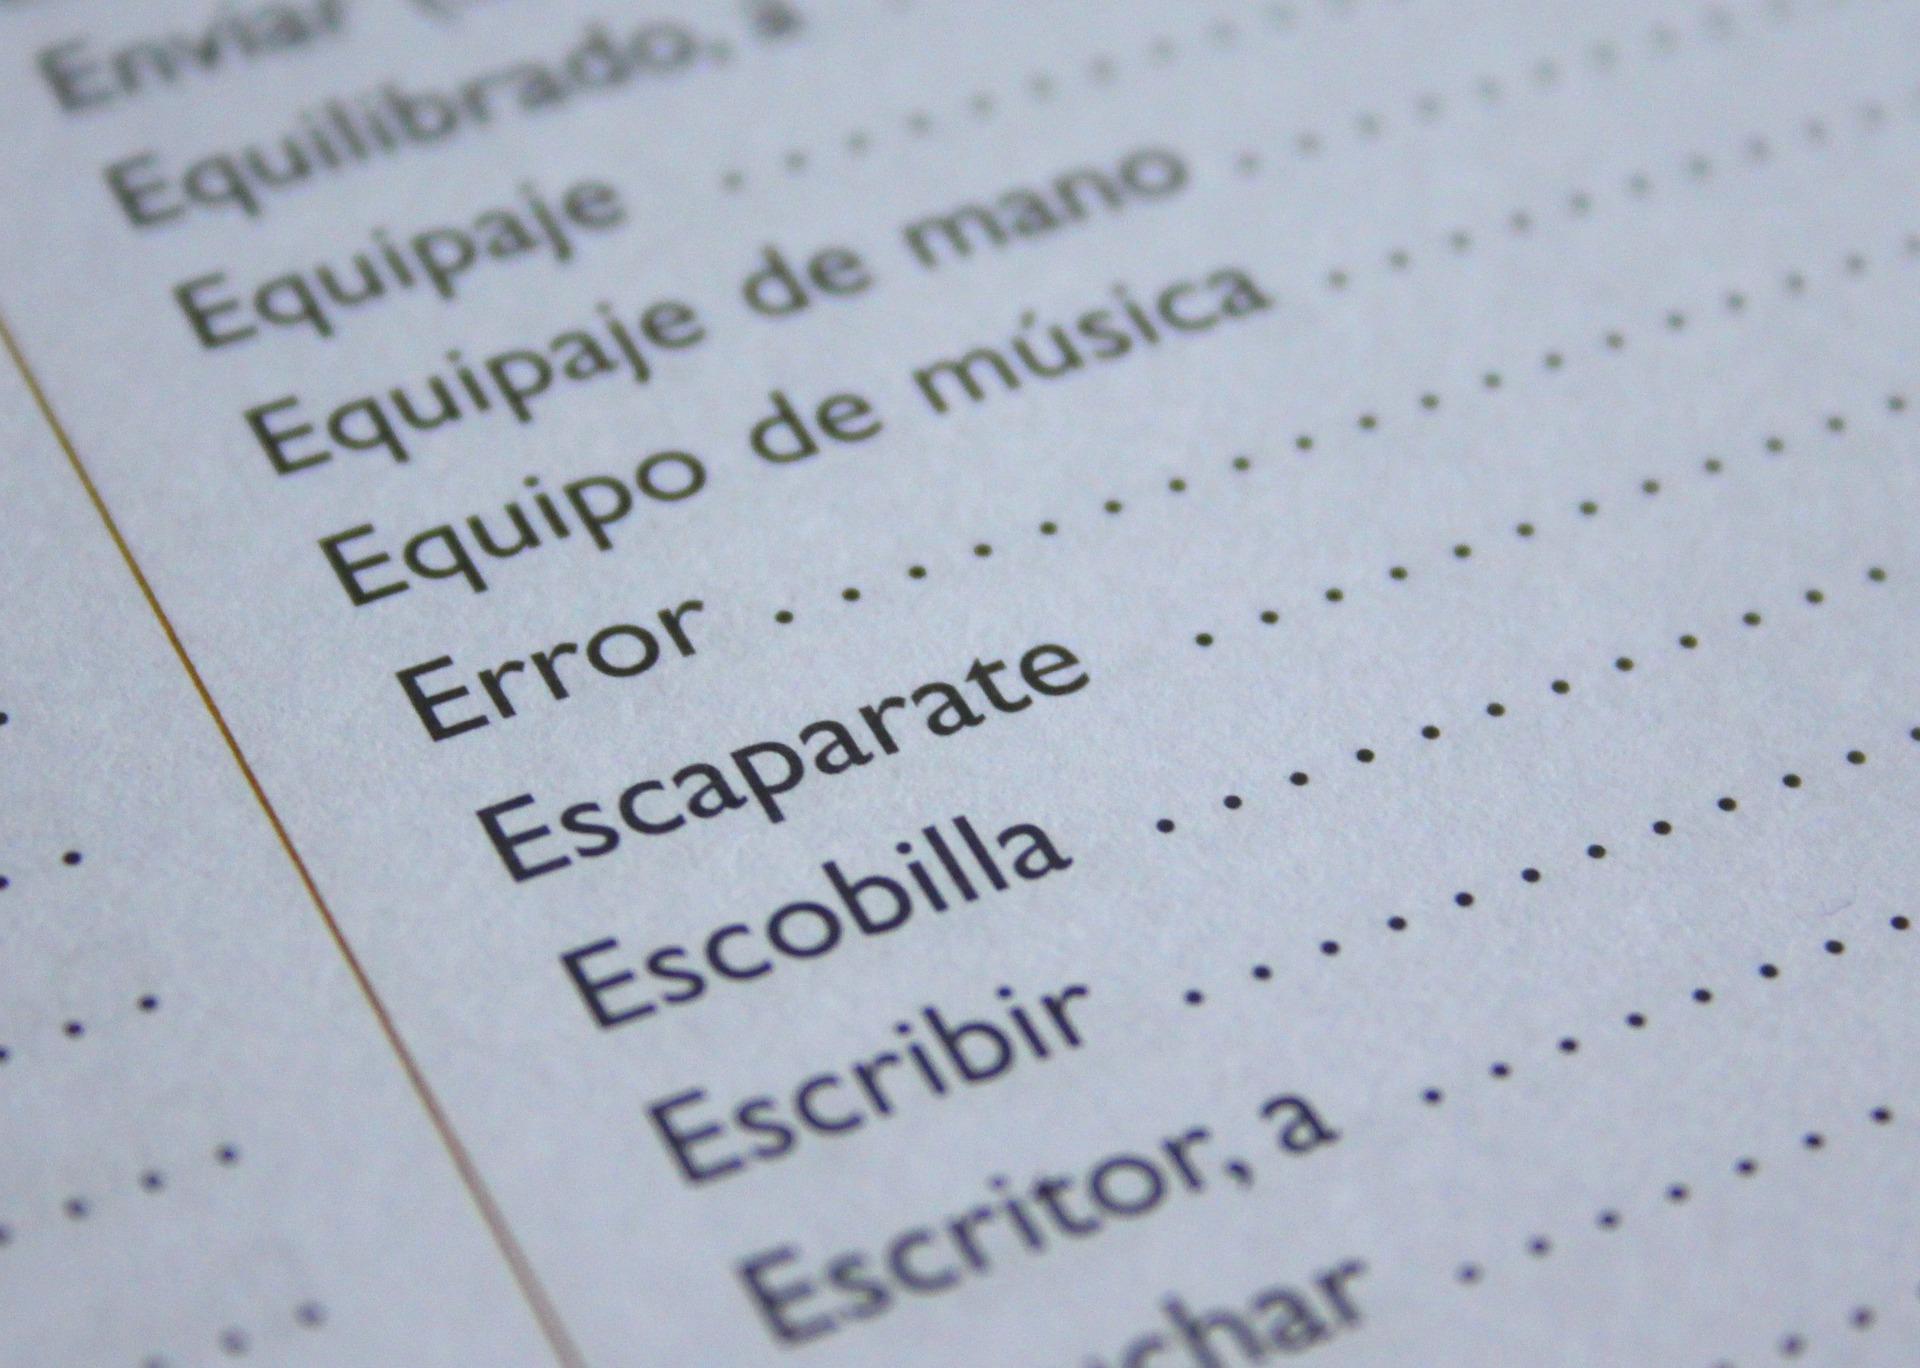 Linguist Validation Translation Services